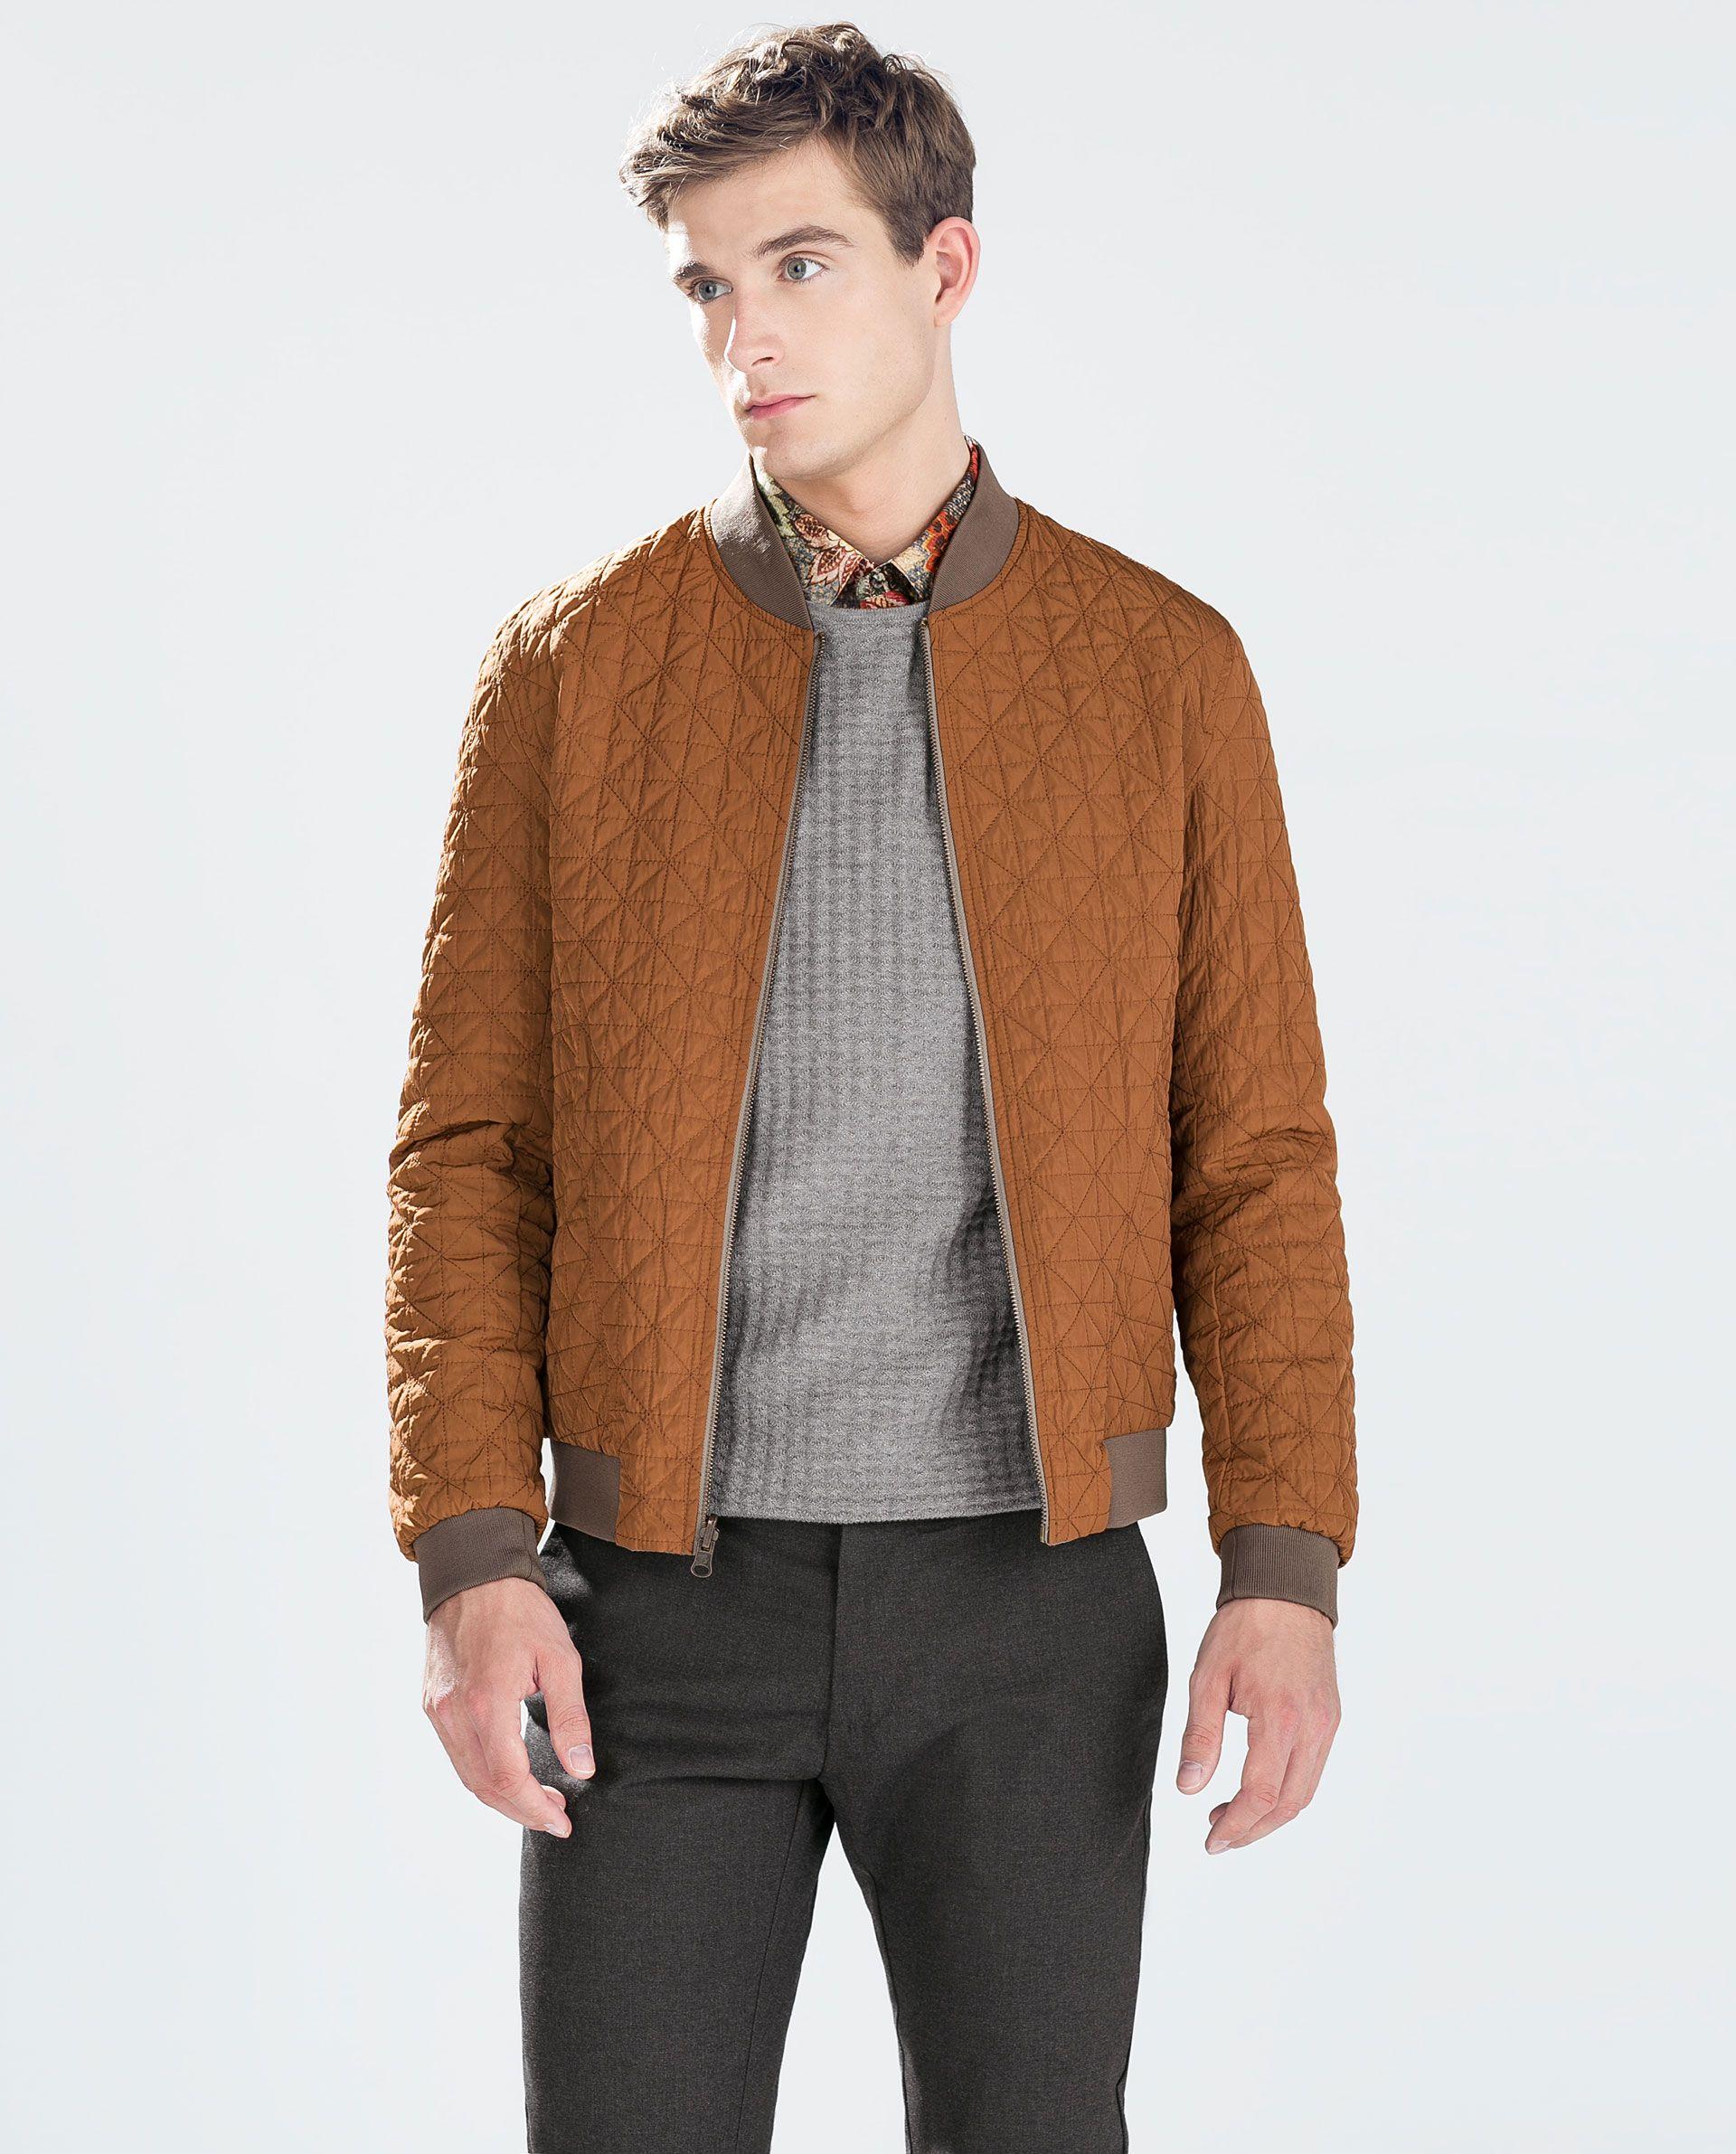 Zara Man Reversible Bomber Jacket Mens Outdoor Jackets Jackets Mens Fashion Classic